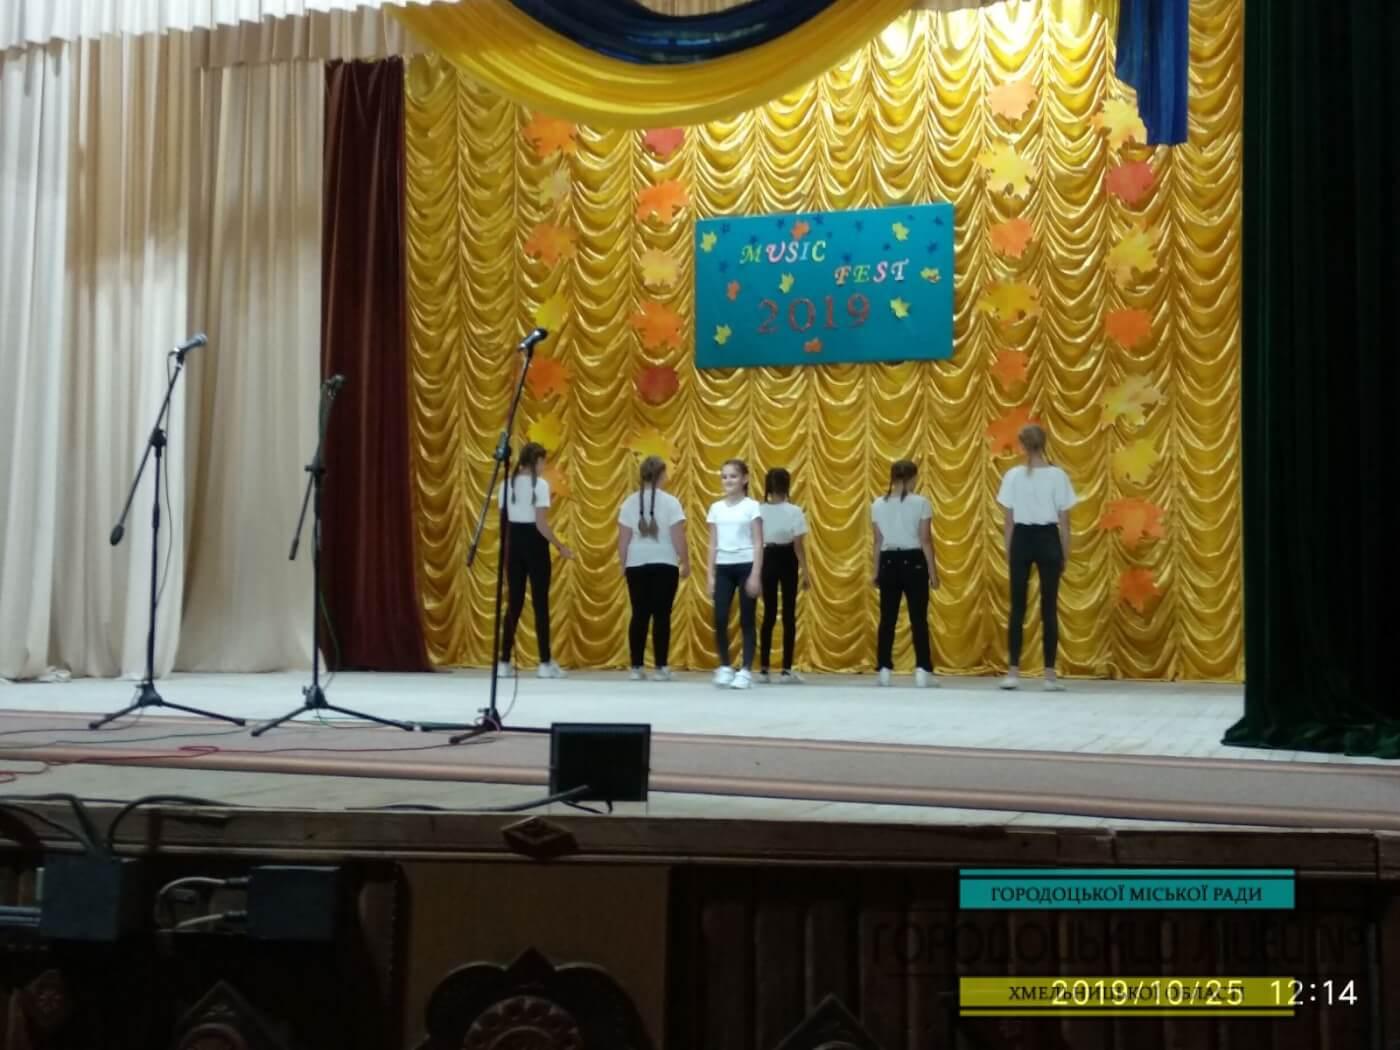 zobrazhennya viber 2019 10 31 14 29 371 - Music Fest «Городоцька осінь 2019»